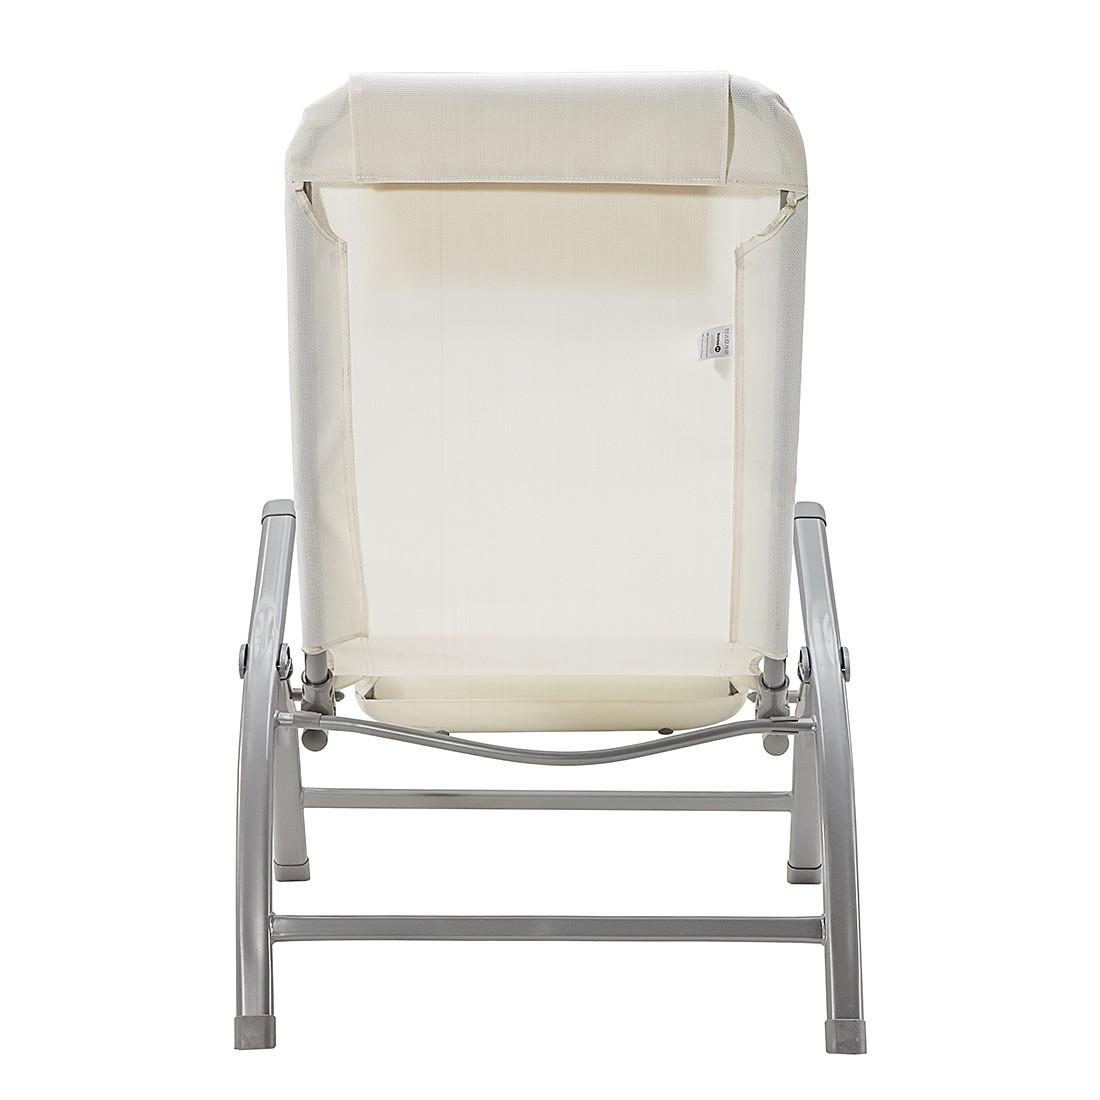 kippliege summer sun wei gartenliege saunaliege sonnenliege ebay. Black Bedroom Furniture Sets. Home Design Ideas